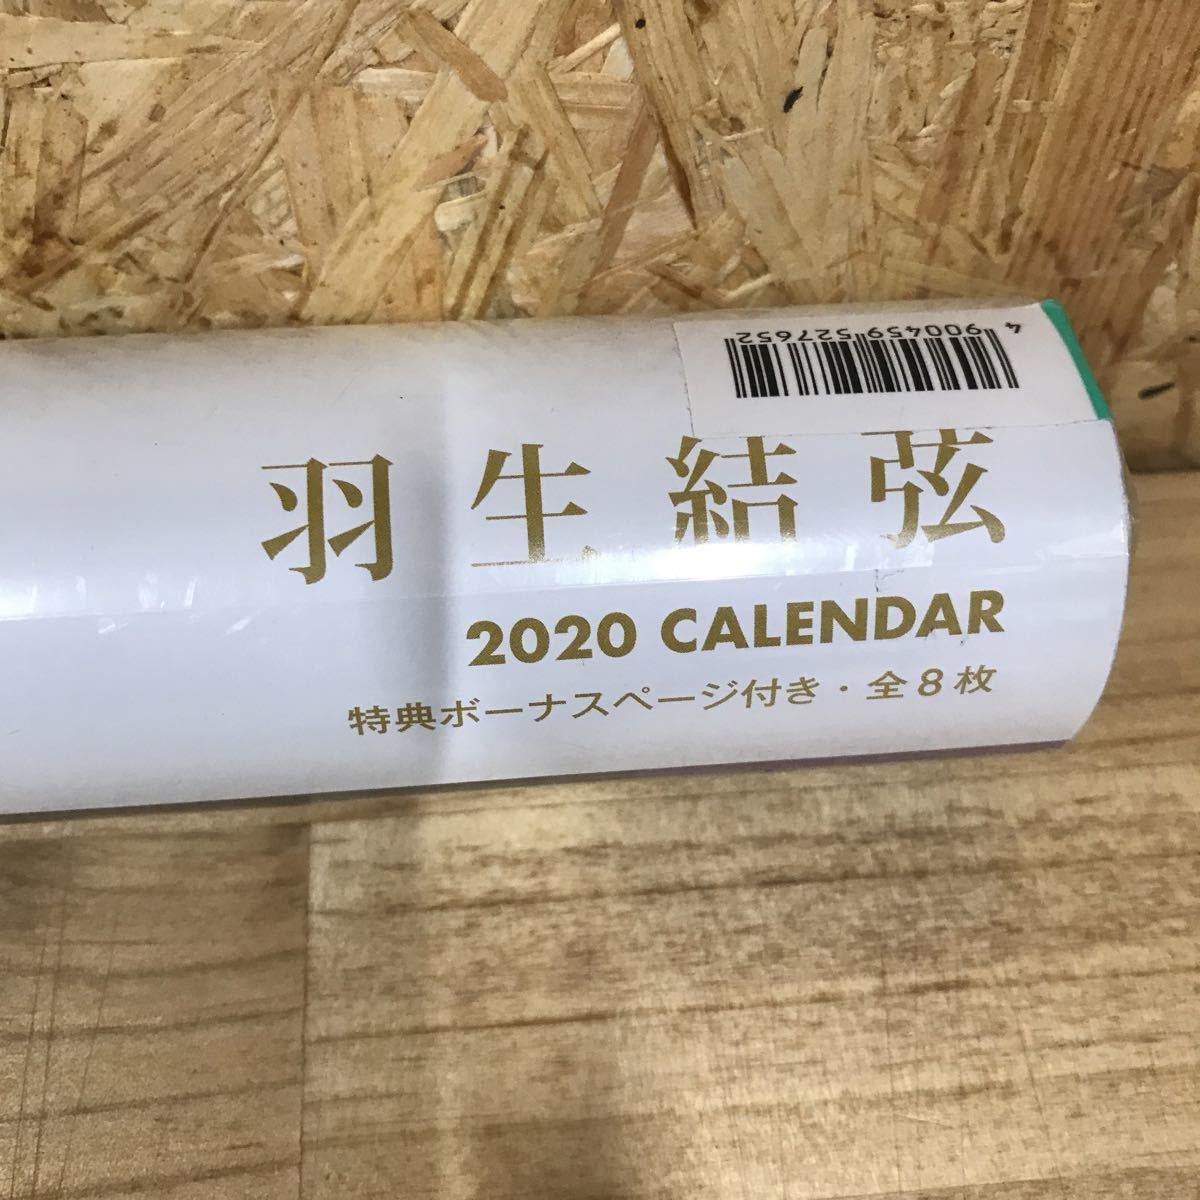 羽生結弦 2020年 カレンダー 壁掛け CL-561 壁掛けカレンダー フィギュアスケート ポスター_画像3